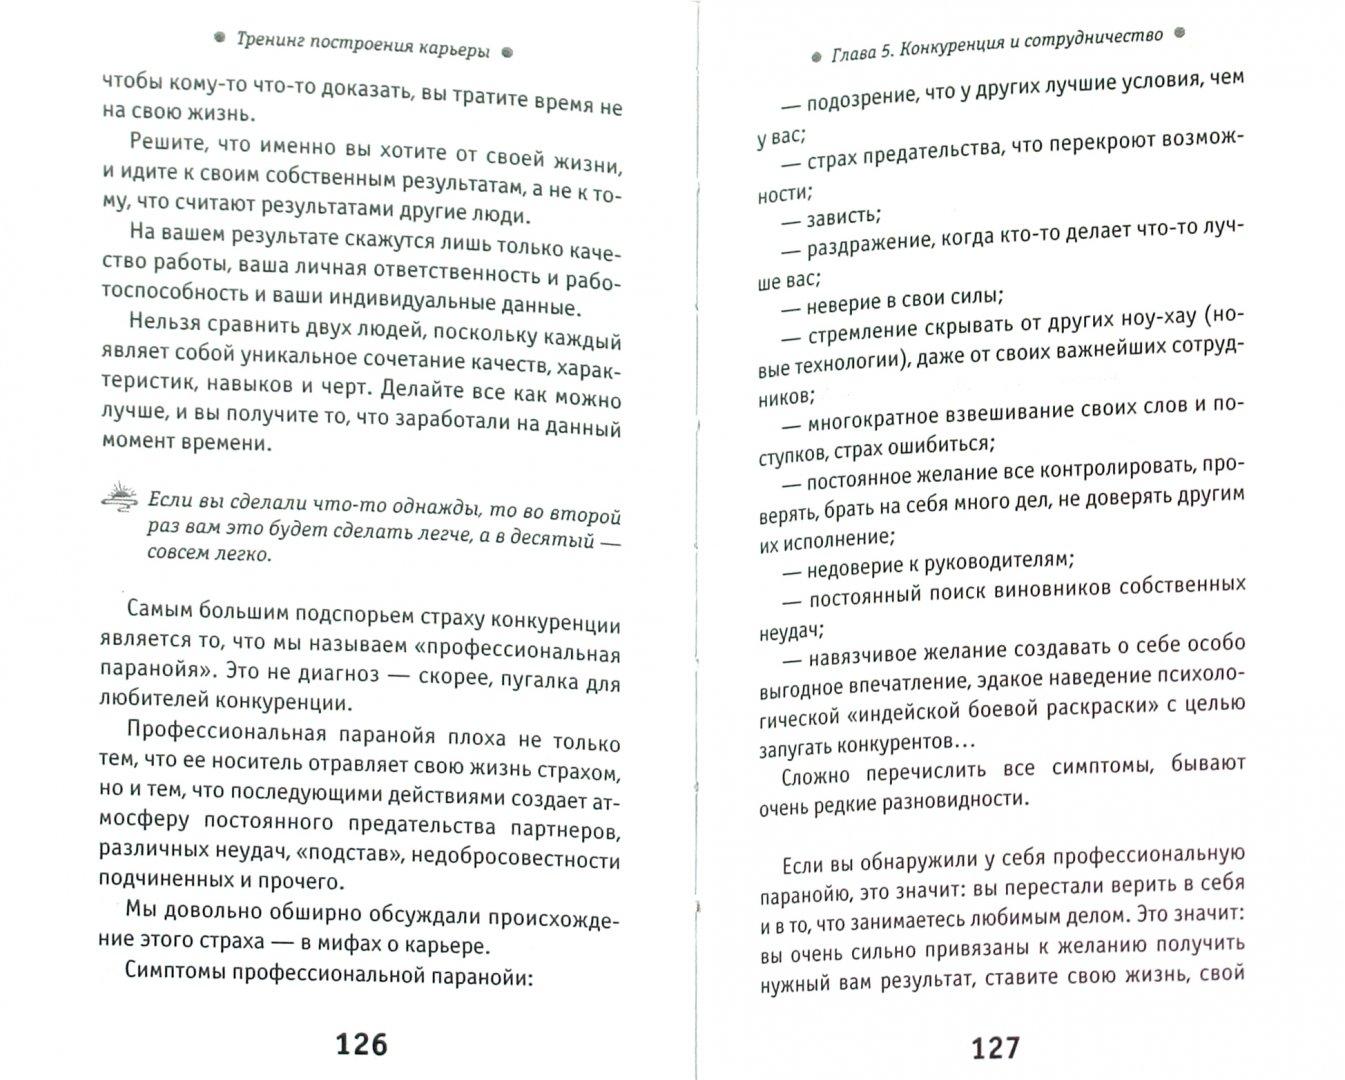 Иллюстрация 1 из 5 для Тренинг построения карьеры - Рубштейн, Жидков | Лабиринт - книги. Источник: Лабиринт